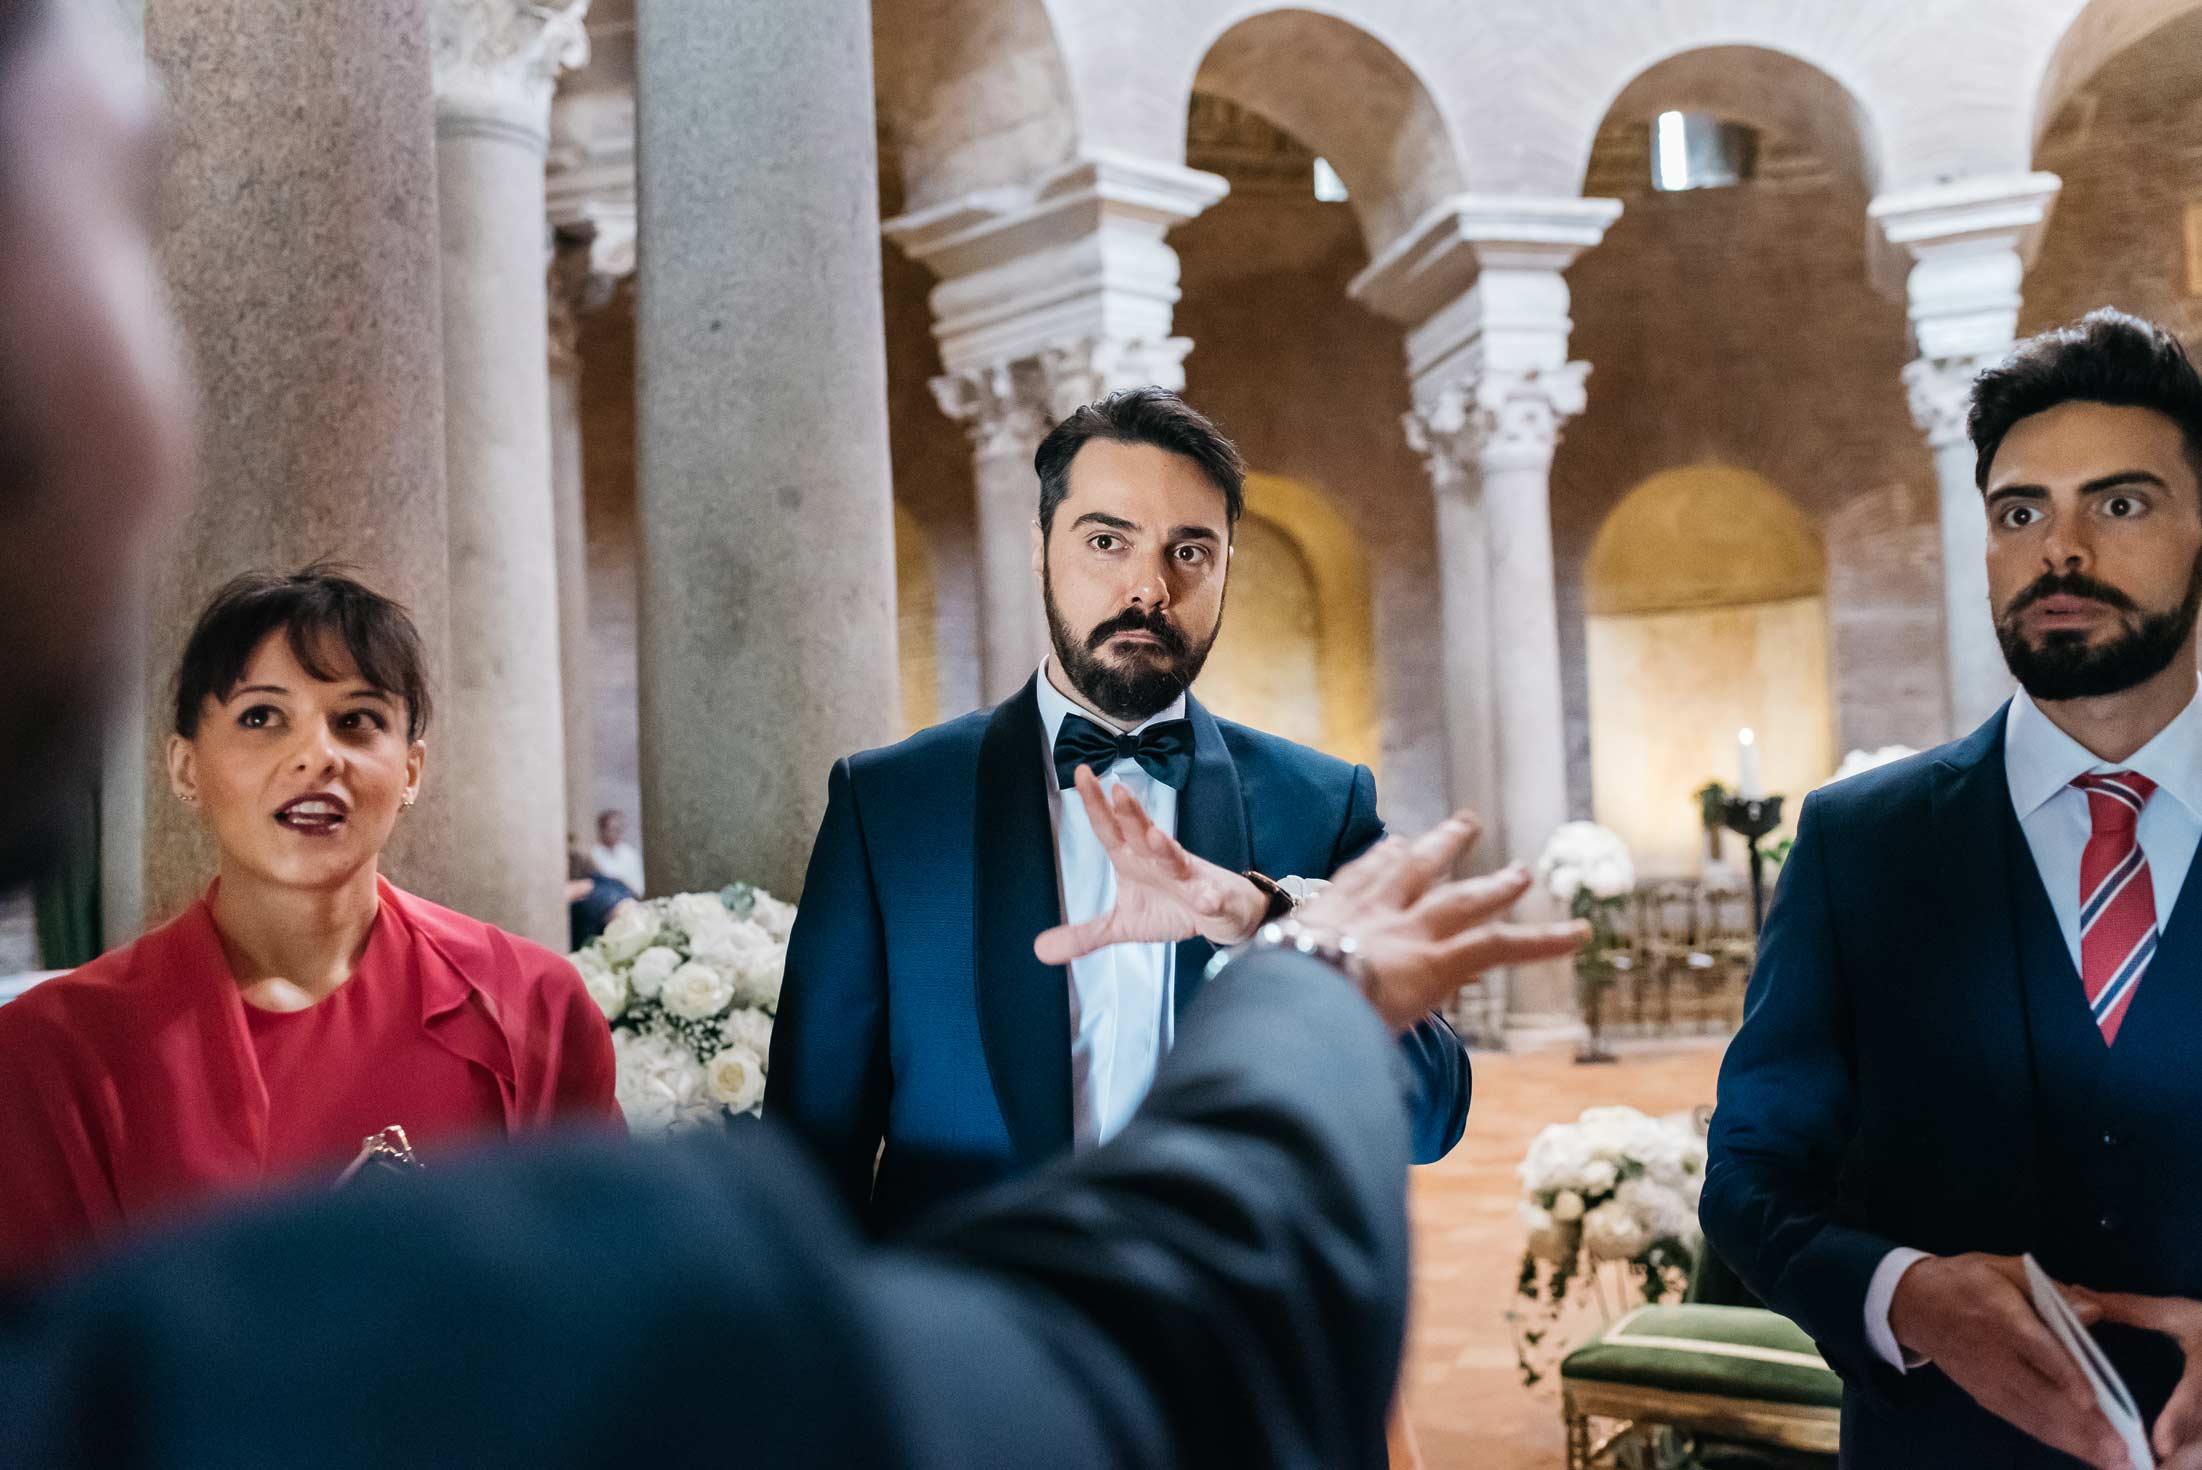 Fotoreportage-Di-Matrimonio-Cerimonia-1